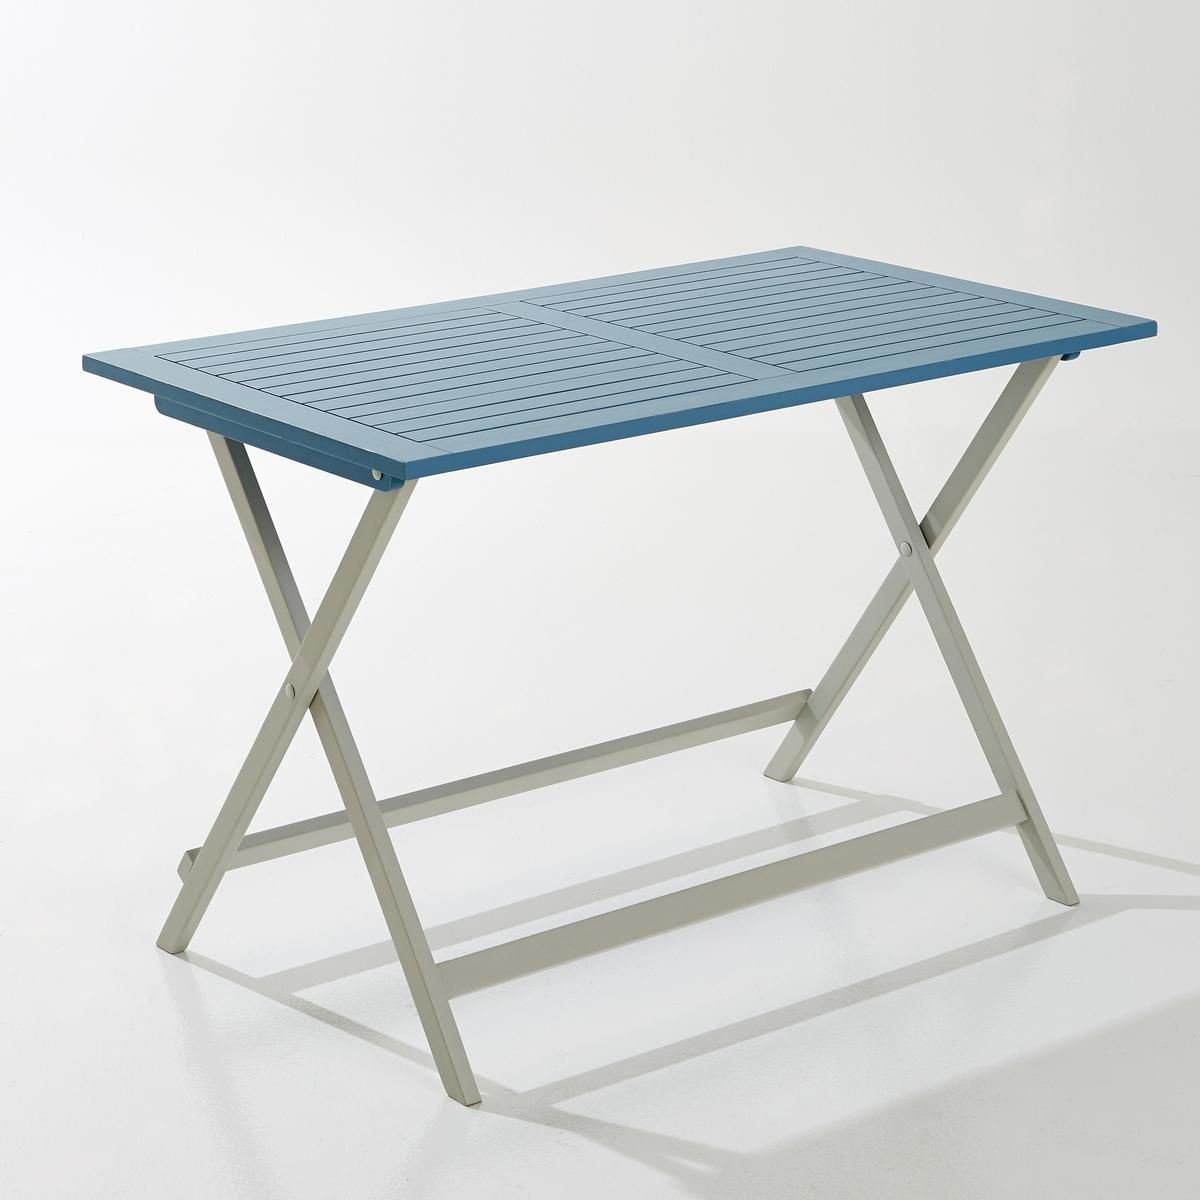 Стол садовый прямоугольный из акации FSC*Этот садовый стол из акации FSC* удобно разместится как на балконе или террасе, так и в саду, а его складная конструкция обеспечит легкость хранения.Описание садового стола из акации FSC*:рассчитан на 4 персоны.Описание садового стола из акации FSC*:Выполнен из акации FSC* с покрытием акриловой краской.Складная конструкция.Размеры садового стола из акации FSC*: Длина: 113 см.Высота: 74 см.Глубина: 65 см.Размеры и вес коробки:1 коробкаД. 121 x В. 9 x Г. 104 см, 15 кгДоставка:Данная модель стола требует самостоятельной сборки. Доставка осуществляется до квартиры!Внимание! Убедитесь в том, что посылку возможно доставить на дом, учитывая ее габариты.* Лейбл FSC присуждается Лесным попечительским советом (Forest   Stewardship Council) и является свидетельством соответствия стандартам ответственного управления лесами, легальности производства, возможности отслеживания происхождения древесины, сохранения биоразнообразия и прилегающих территорий.<br><br>Цвет: синий